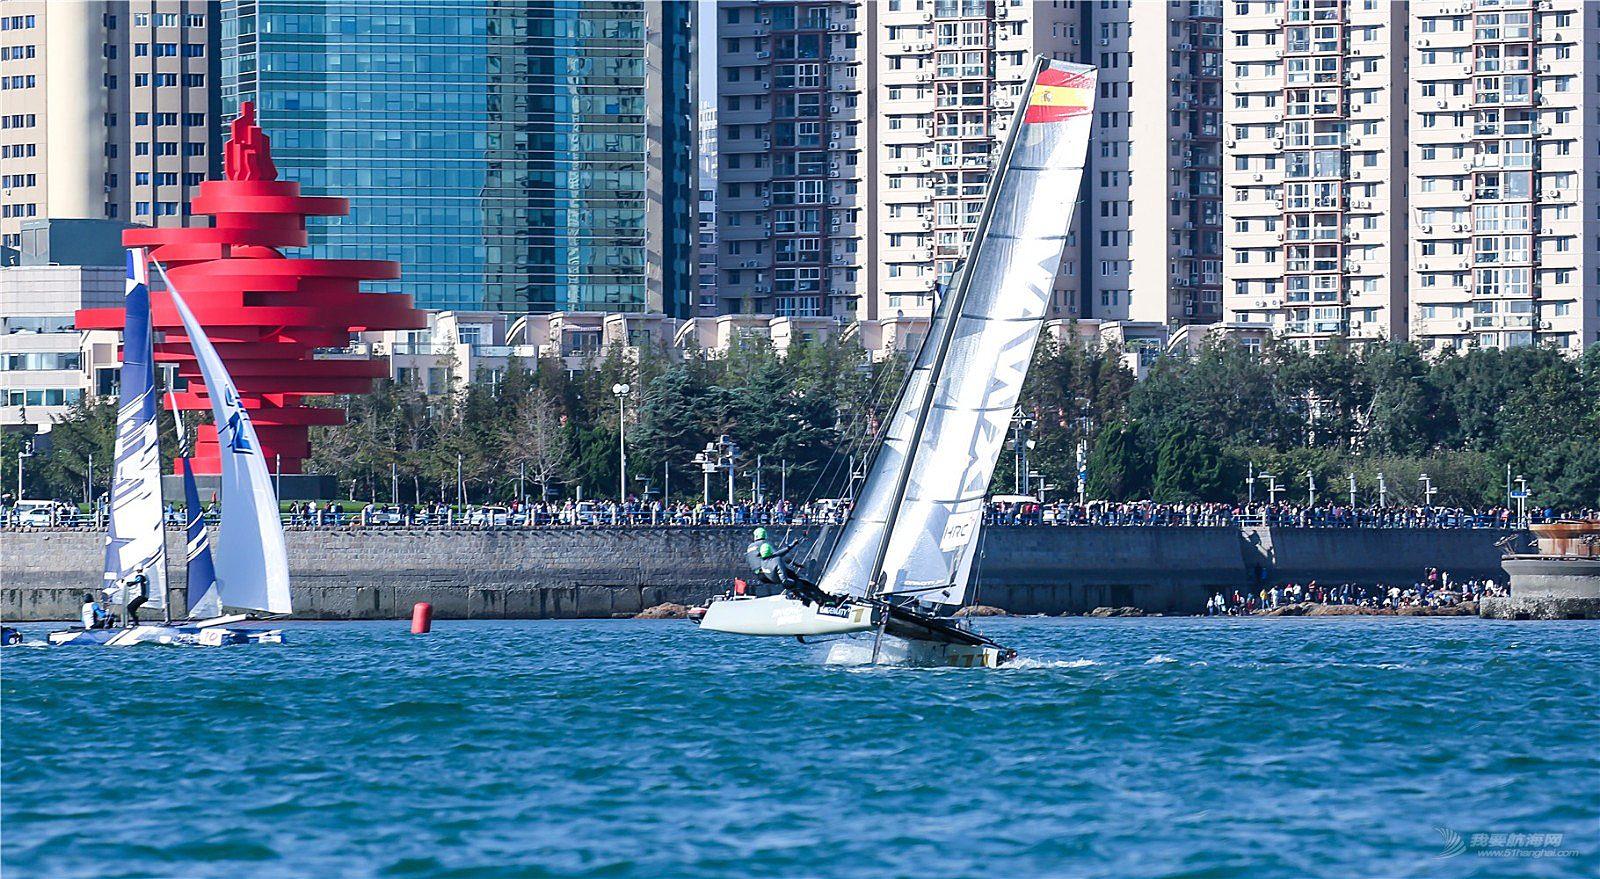 随拍2018、青岛国际极限帆船赛,帆舞浮山湾。精彩瞬间。